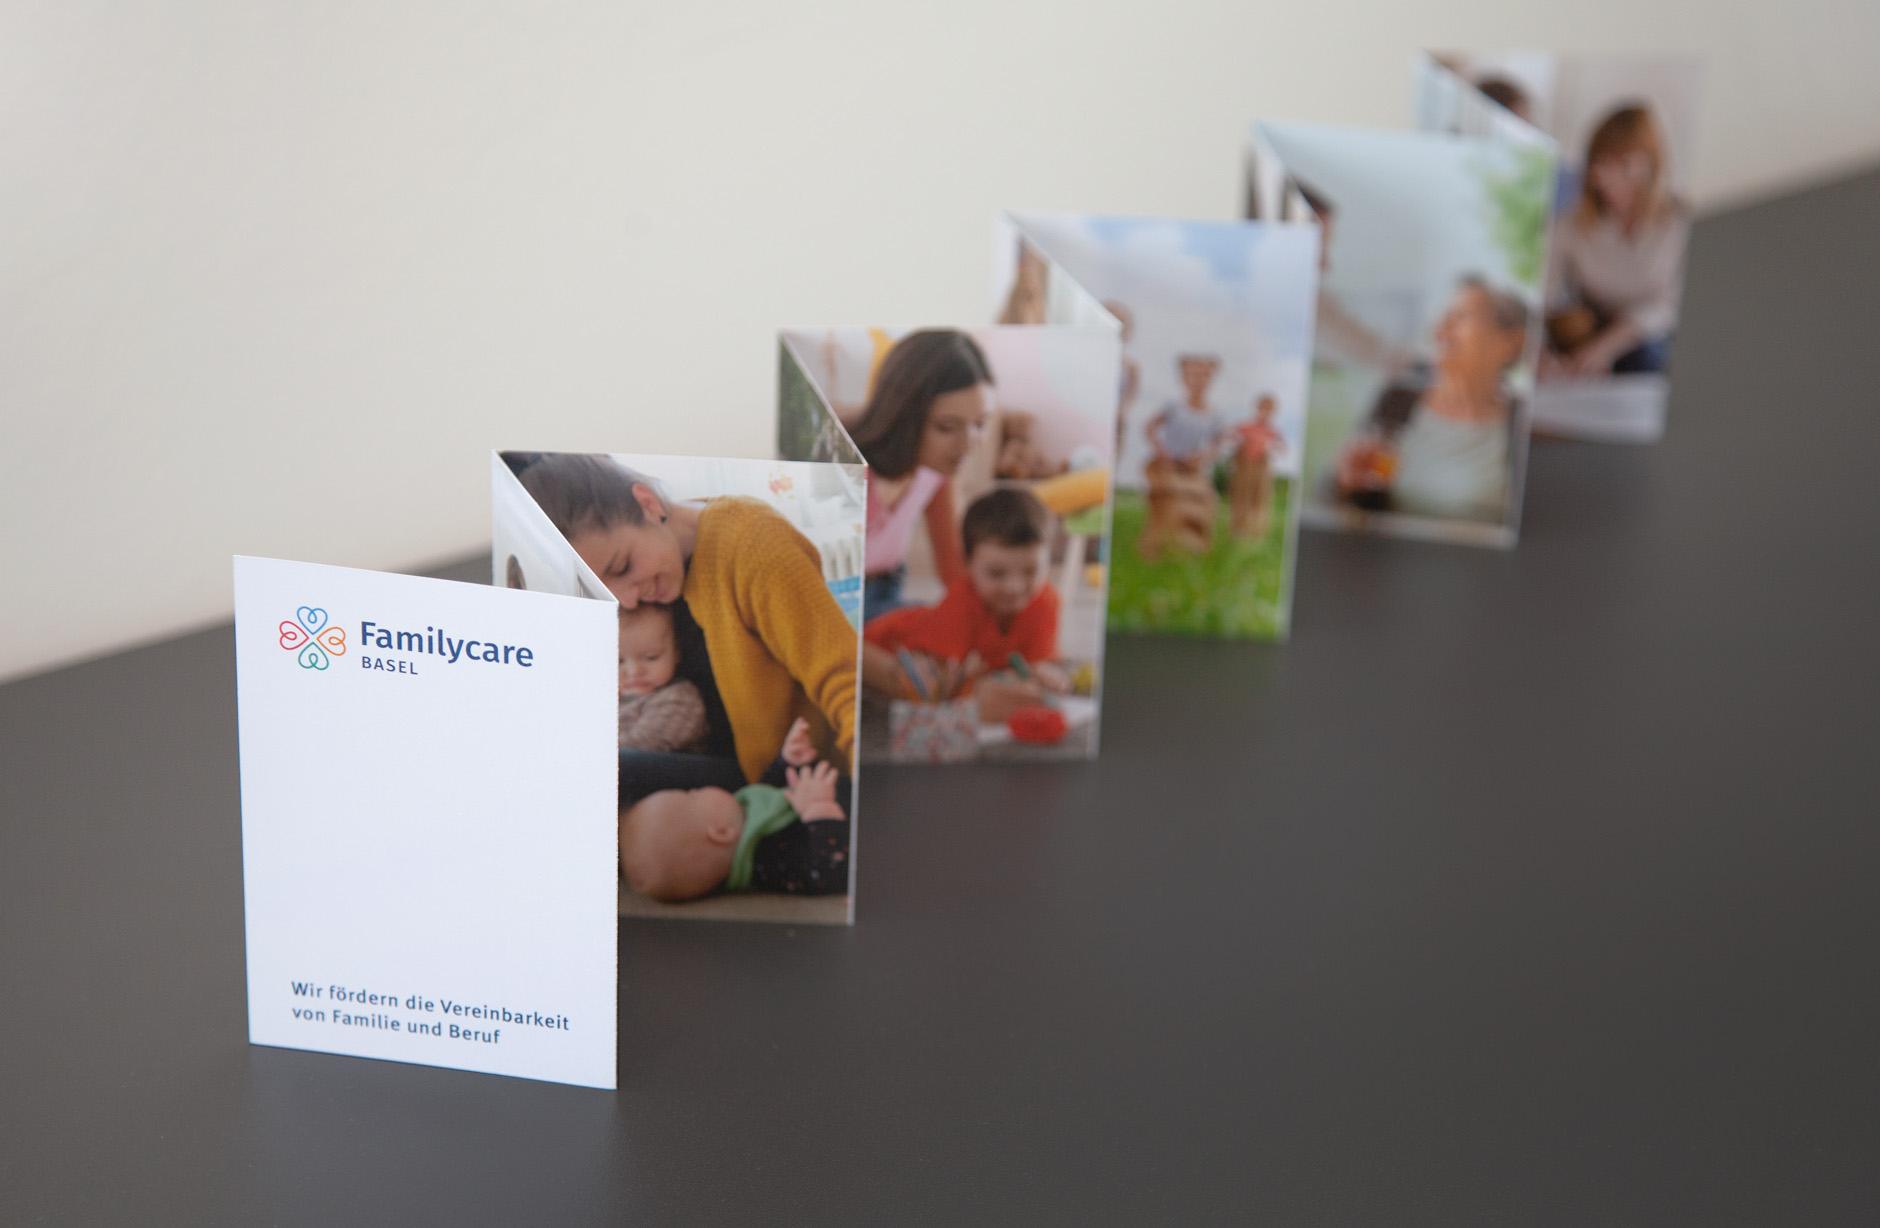 Familycare Basel Leporello – Newsign Grafik